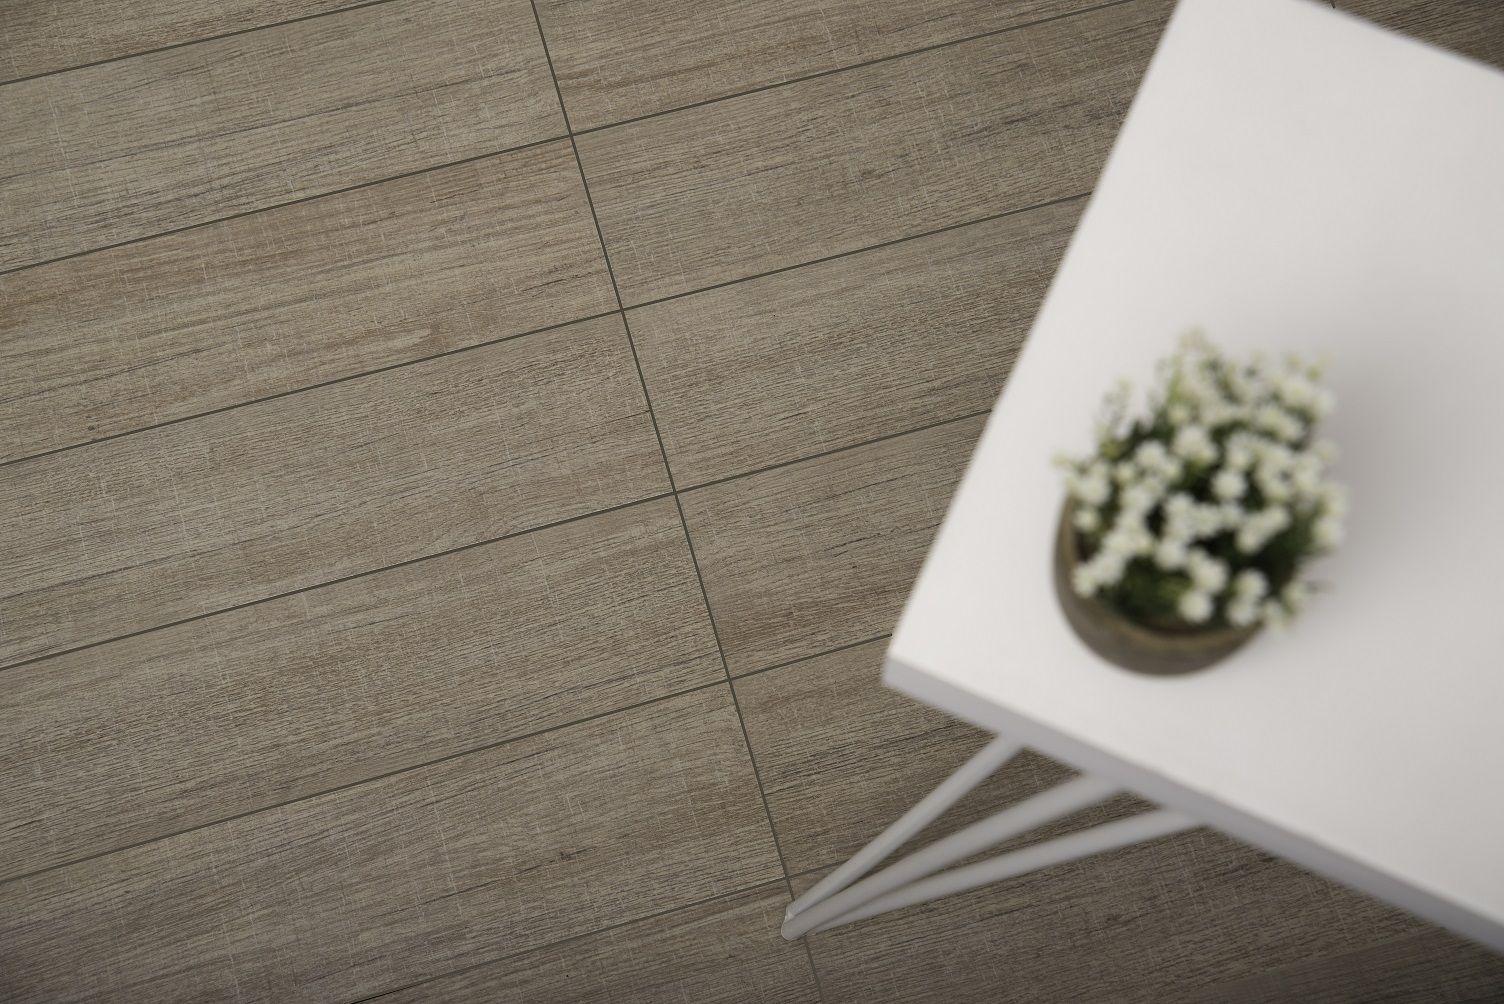 Ambientaciones cermica san lorenzo porcelanatos pisos y ambientaciones cermica san lorenzo porcelanatos pisos y revestimientos dailygadgetfo Choice Image